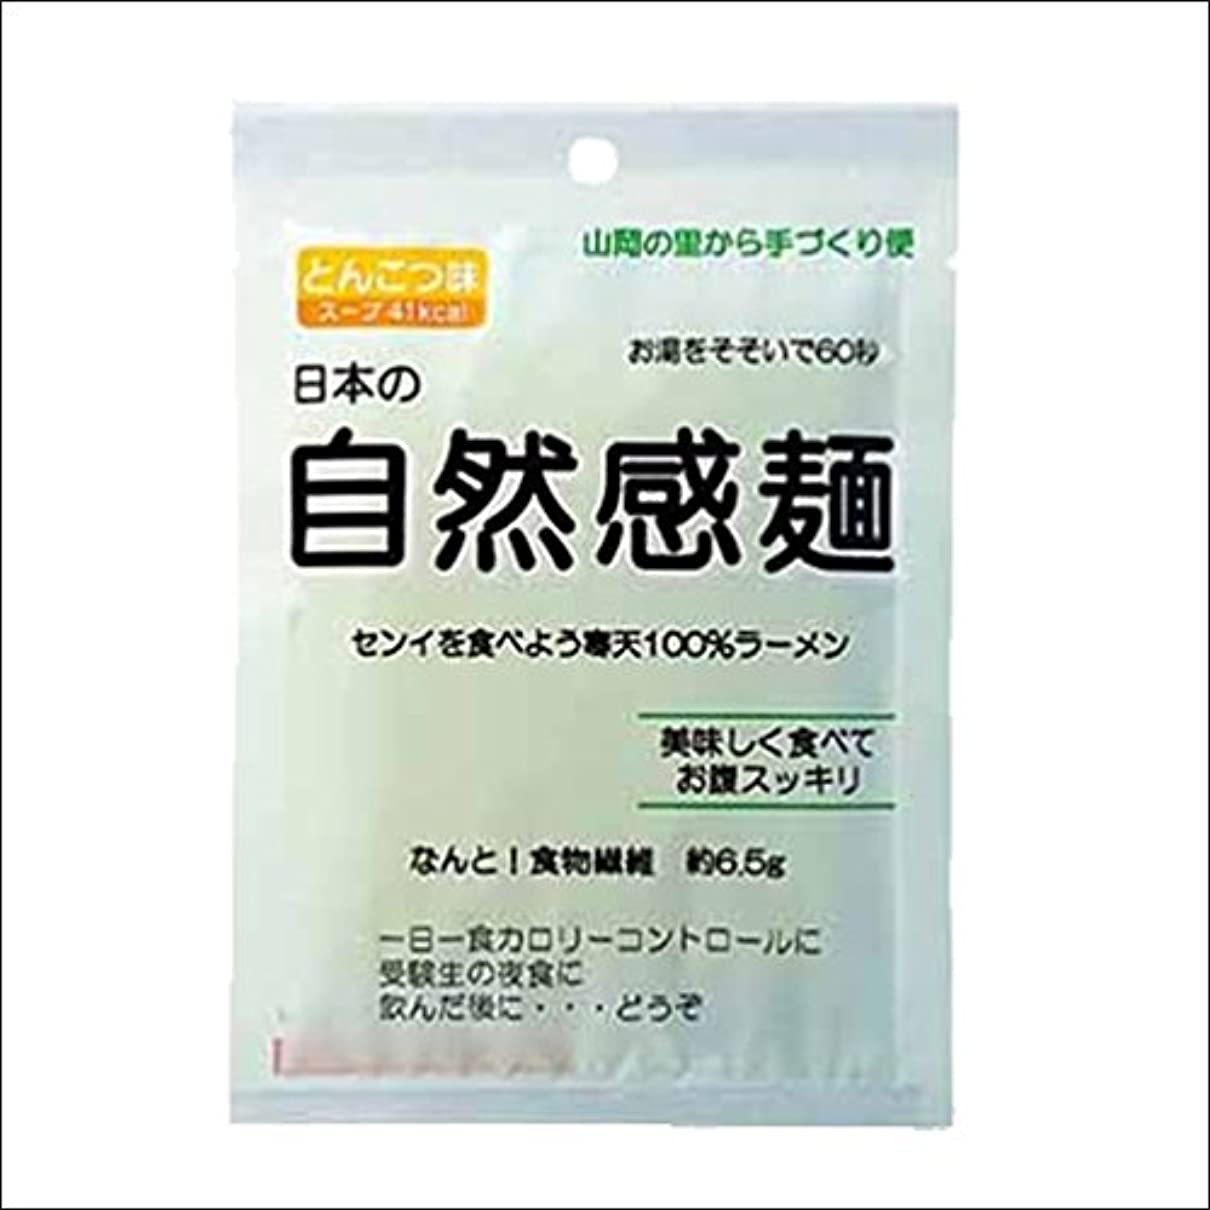 ハイライト脚本家咲く【ダイエットラーメン】 日本の自然感麺(寒天ラーメン) とんこつ味 1袋